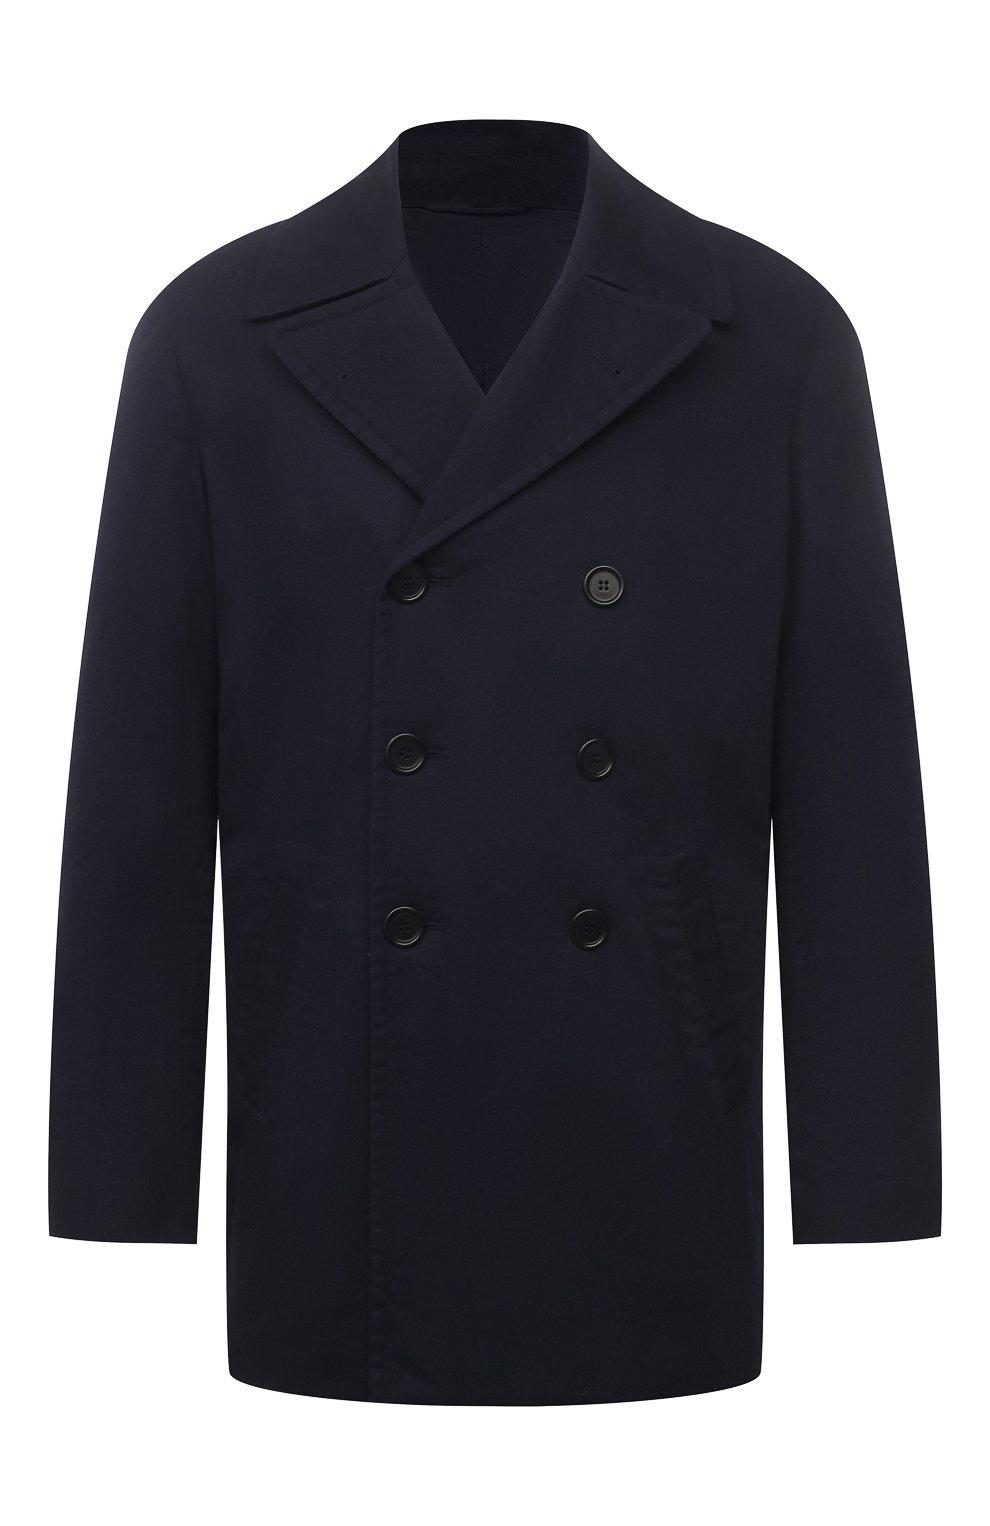 Мужской хлопковое пальто ASPESI синего цвета, арт. S1 A CG35 E794   Фото 1 (Рукава: Длинные; Материал внешний: Хлопок; Материал подклада: Синтетический материал; Длина (верхняя одежда): Короткие; Мужское Кросс-КТ: пальто-верхняя одежда; Стили: Кэжуэл)